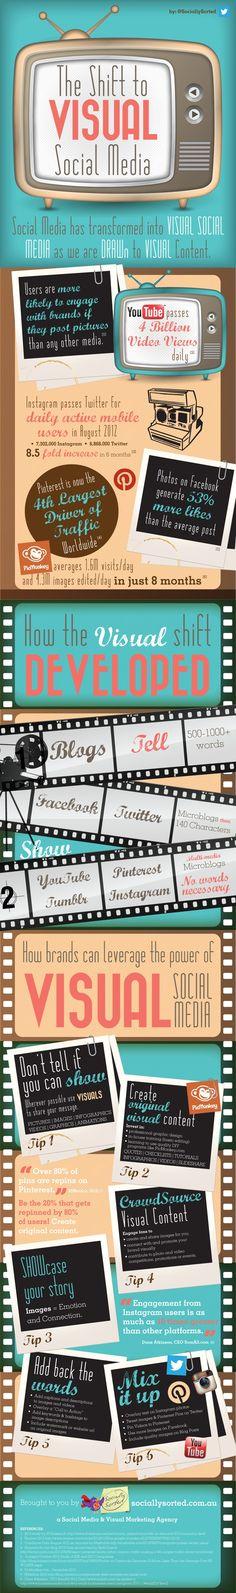 [Infografía] 6 estrategias para hacer Marketing Visual en Social Media | Social Media Blog. Marketing online y redes sociales.